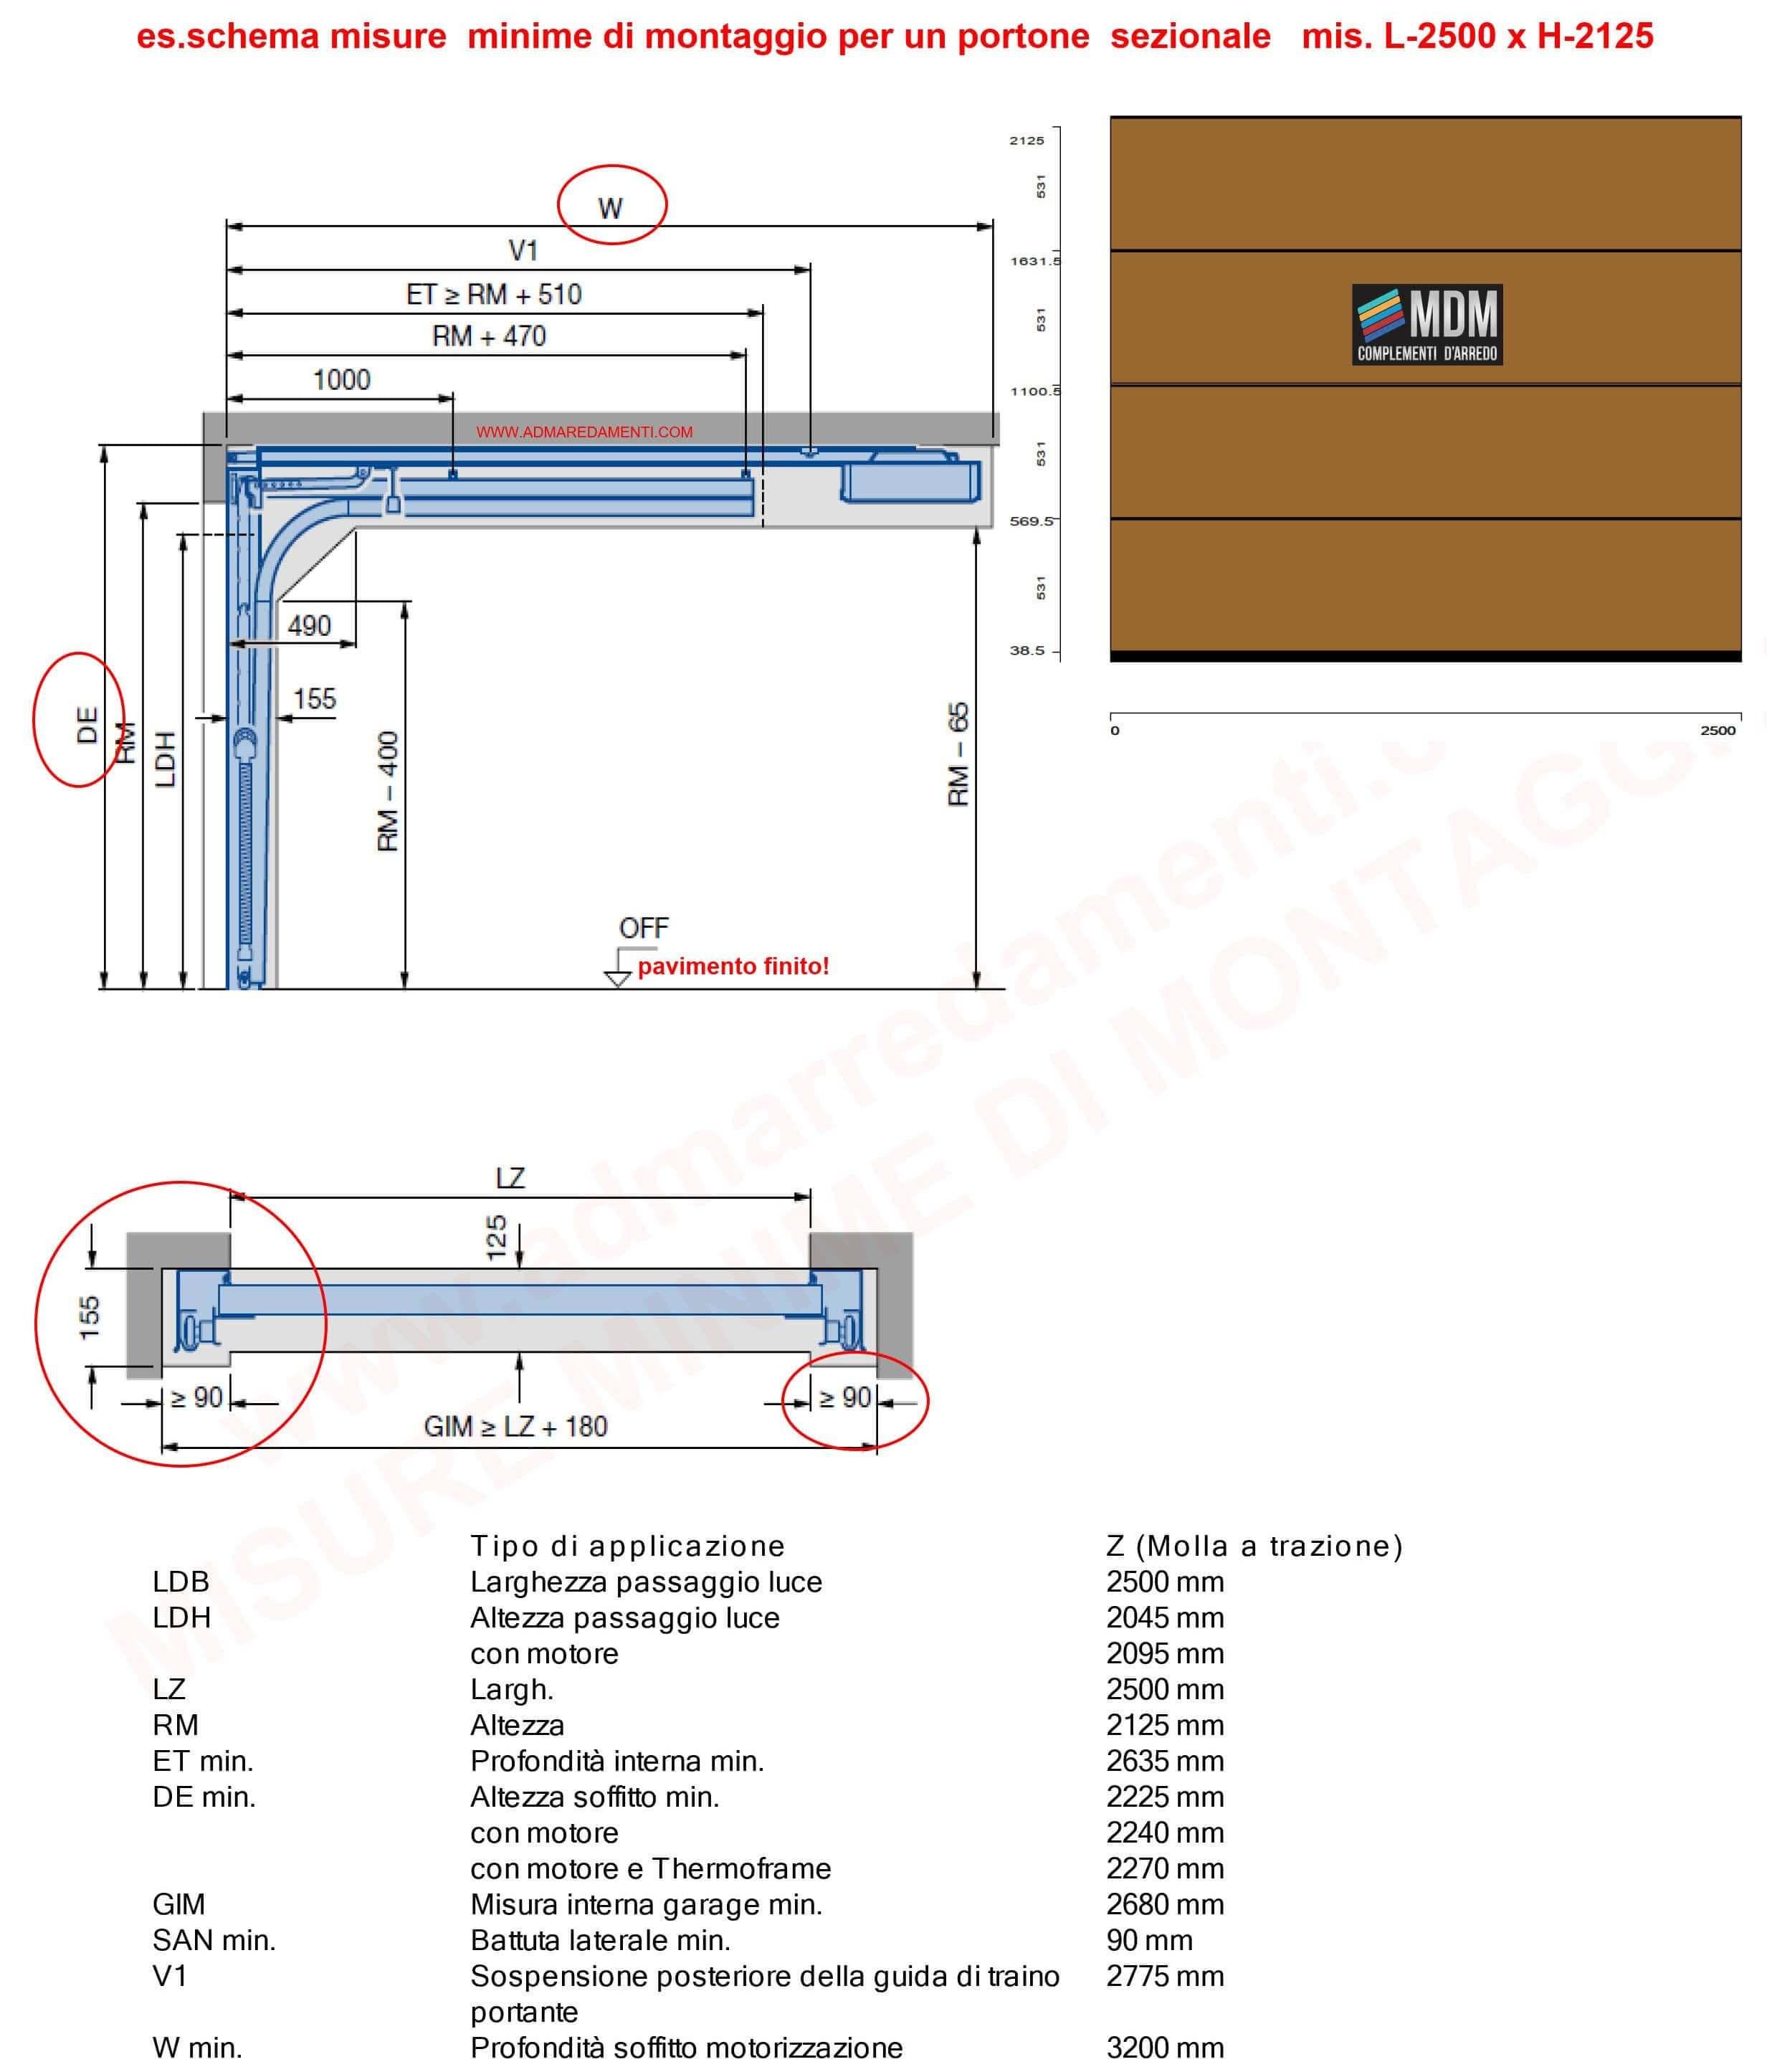 es. misure minime di montaggio L-2500 H-2125